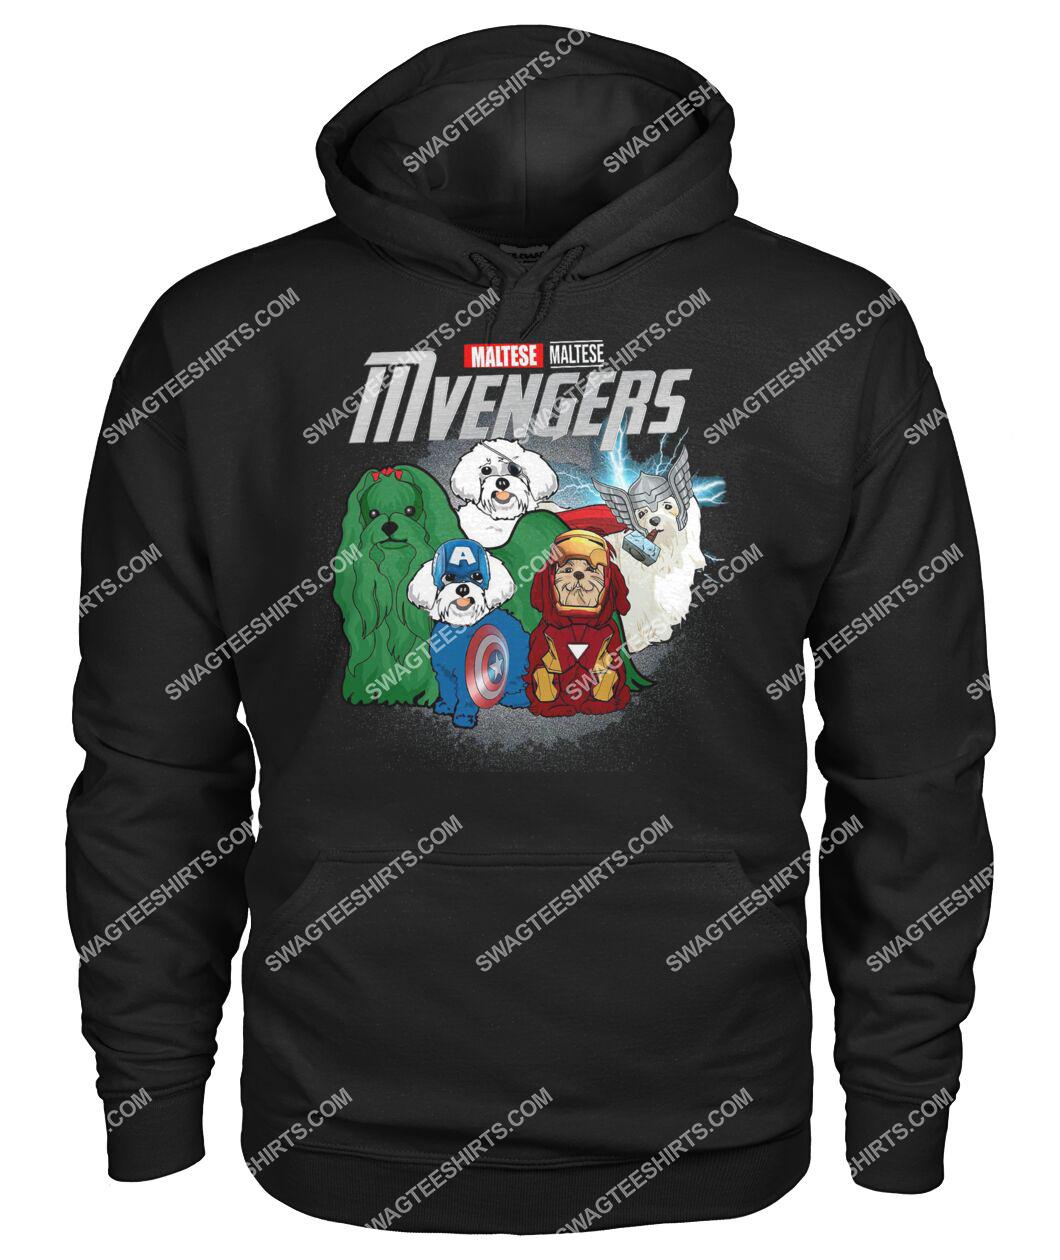 maltese mvengers marvel avengers dogs lover hoodie 1